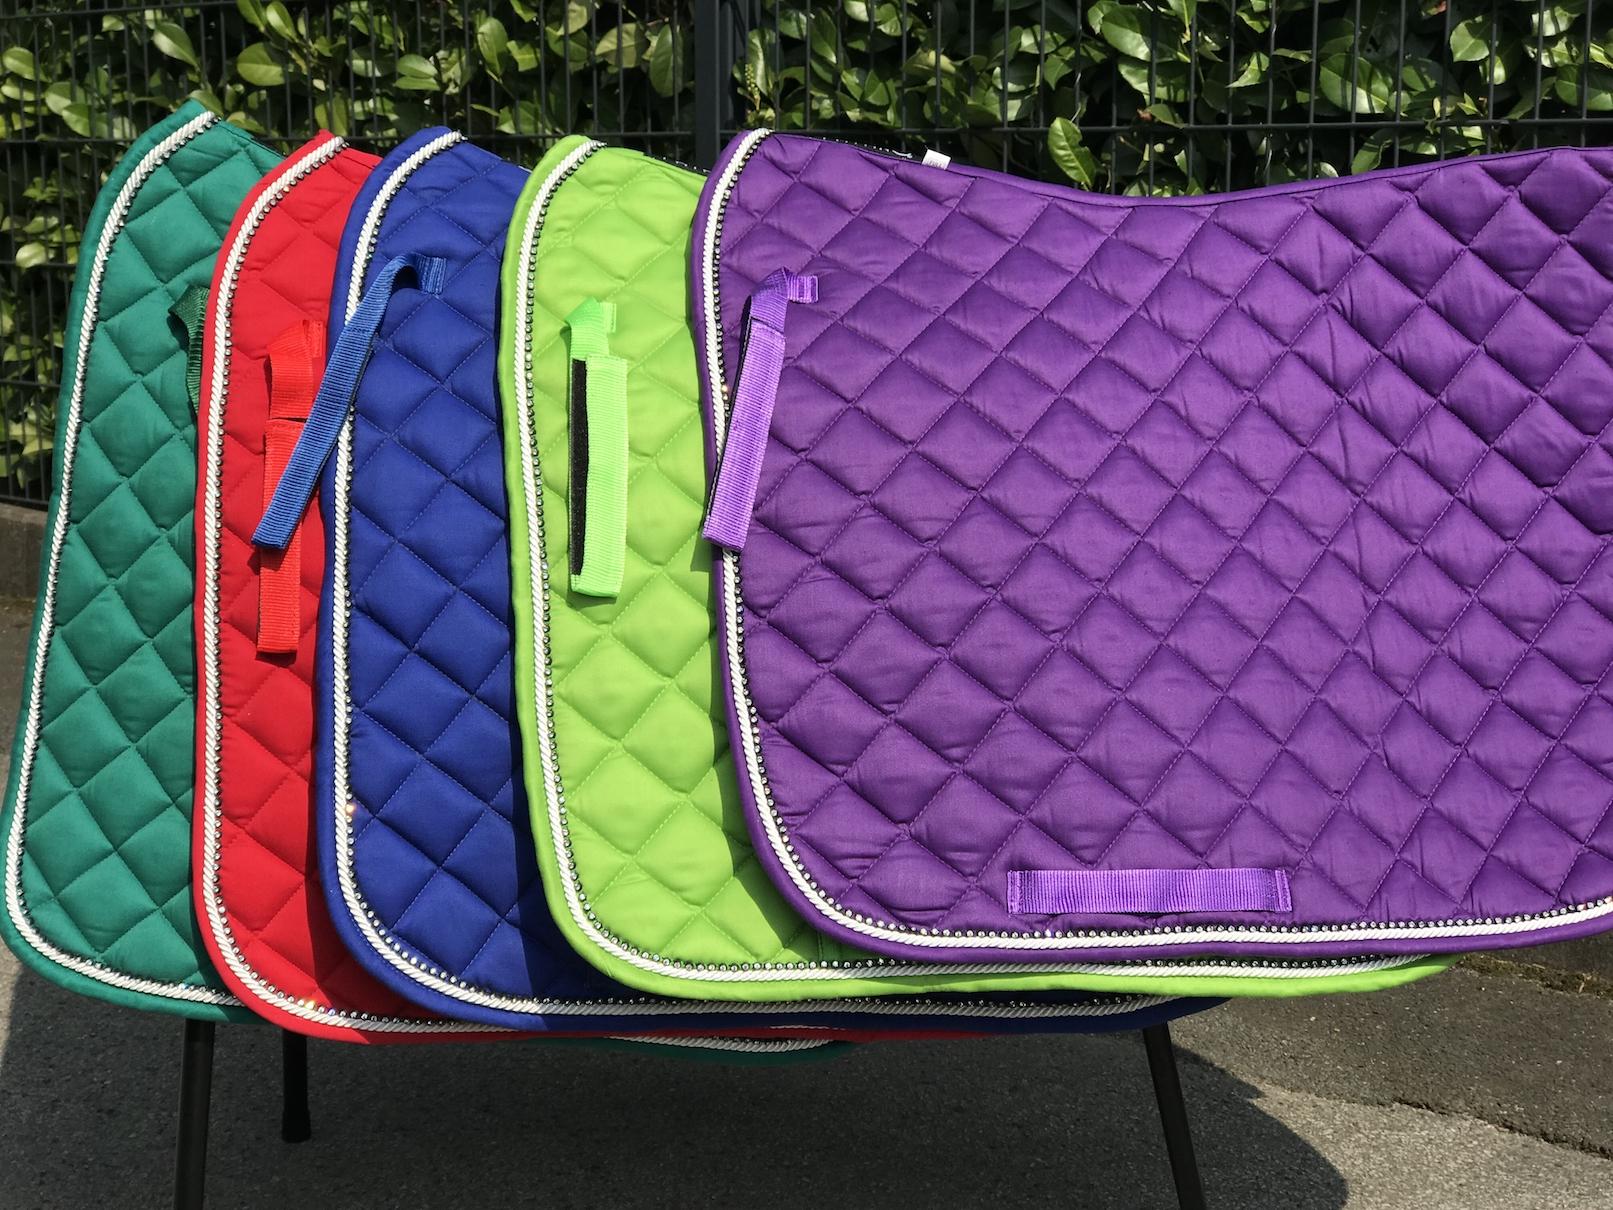 NEU Dressur trendige Schabracke in TOP Farben Strass